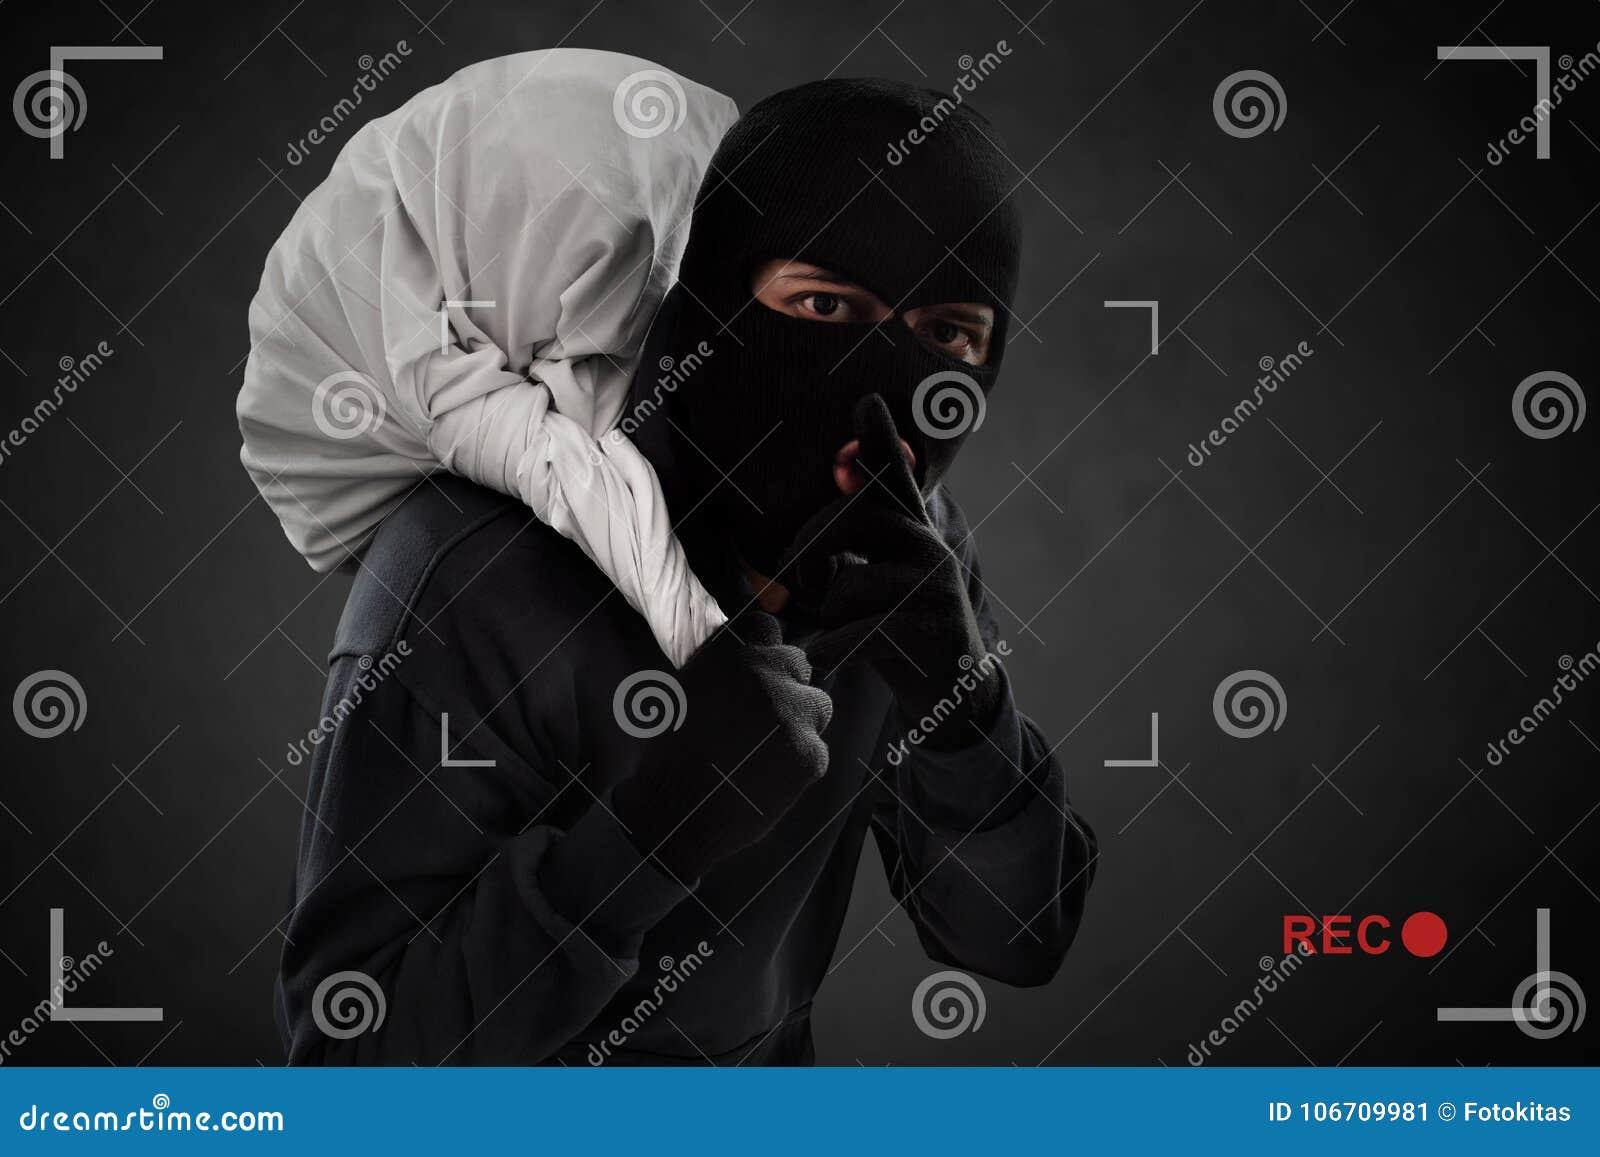 Ladrón enmascarado cogido en la cámara de seguridad